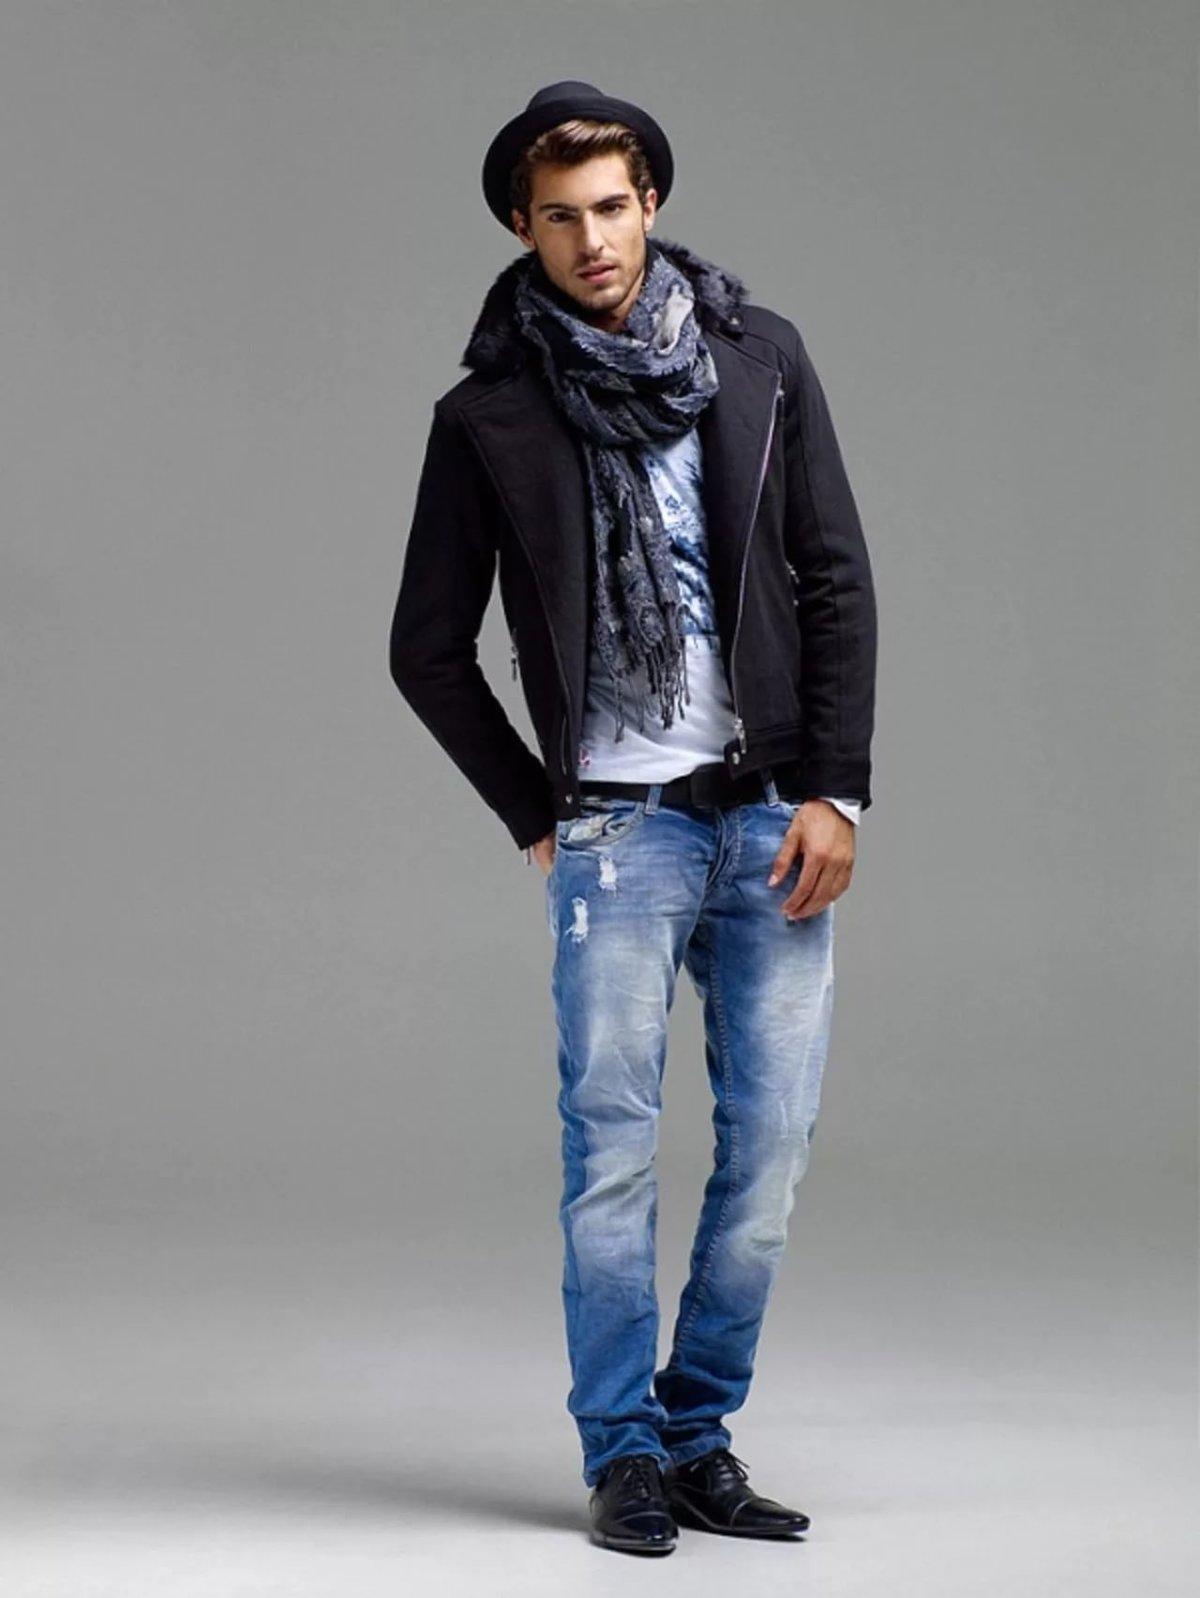 модные одежды для мужчин картинки